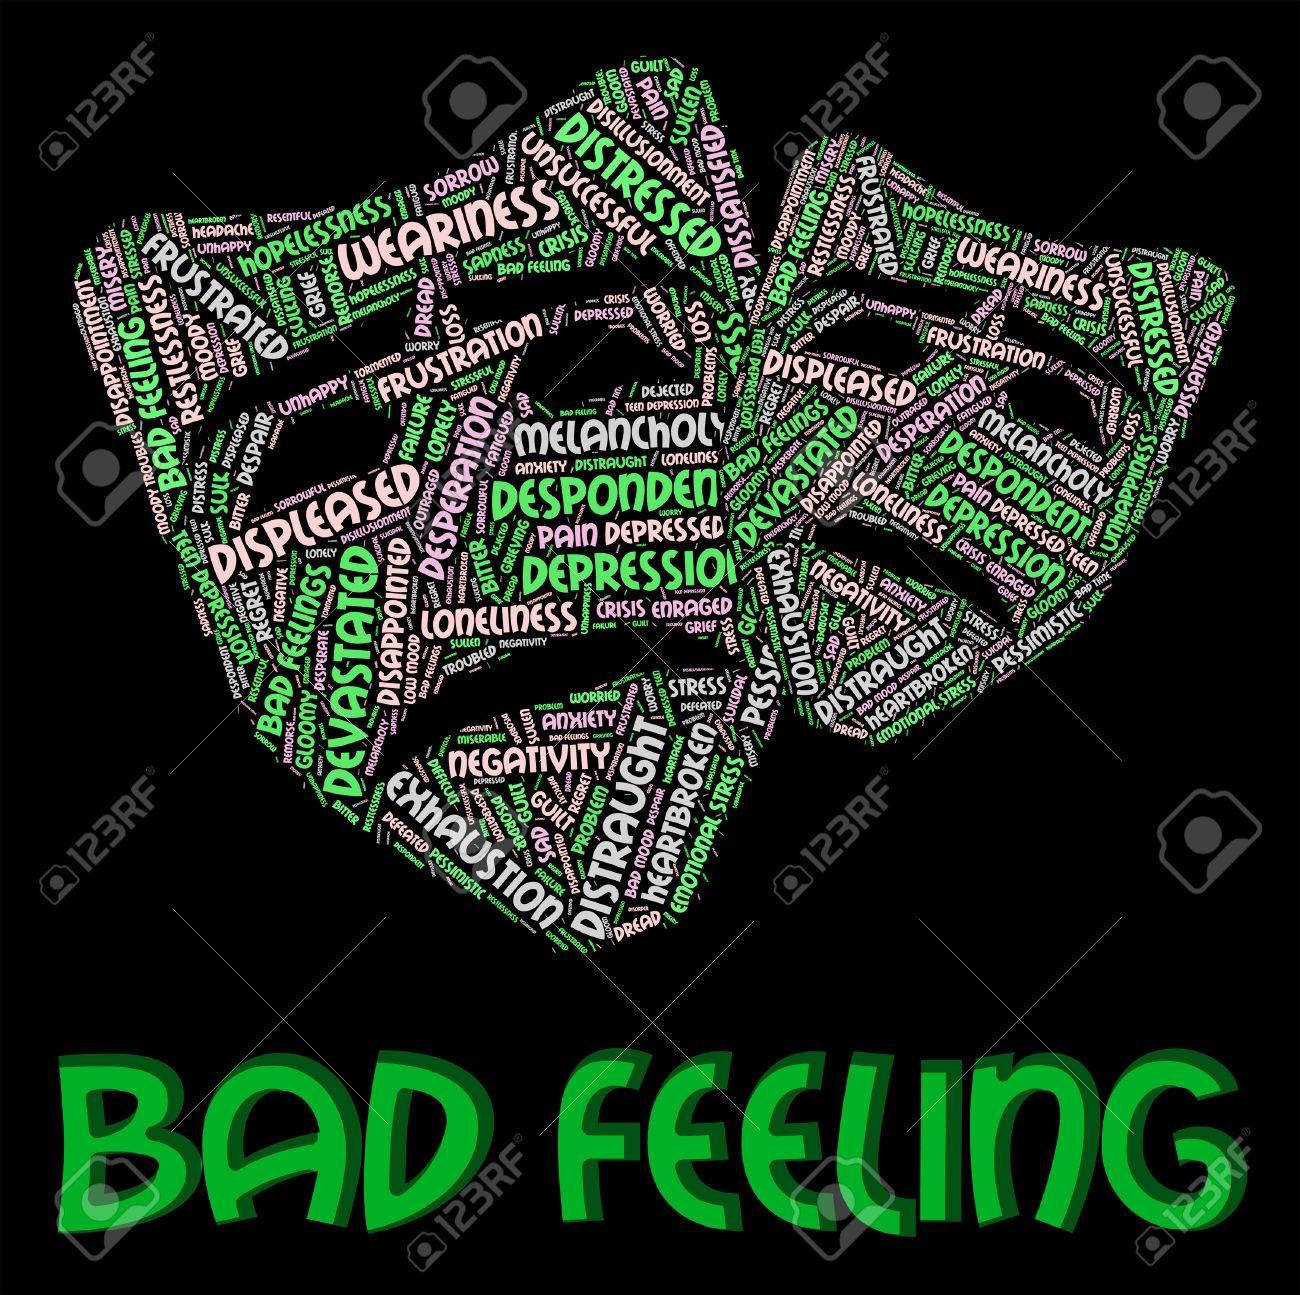 気持ち悪い言葉の対立を意味と感情 の写真素材・画像素材 Image 46108135.